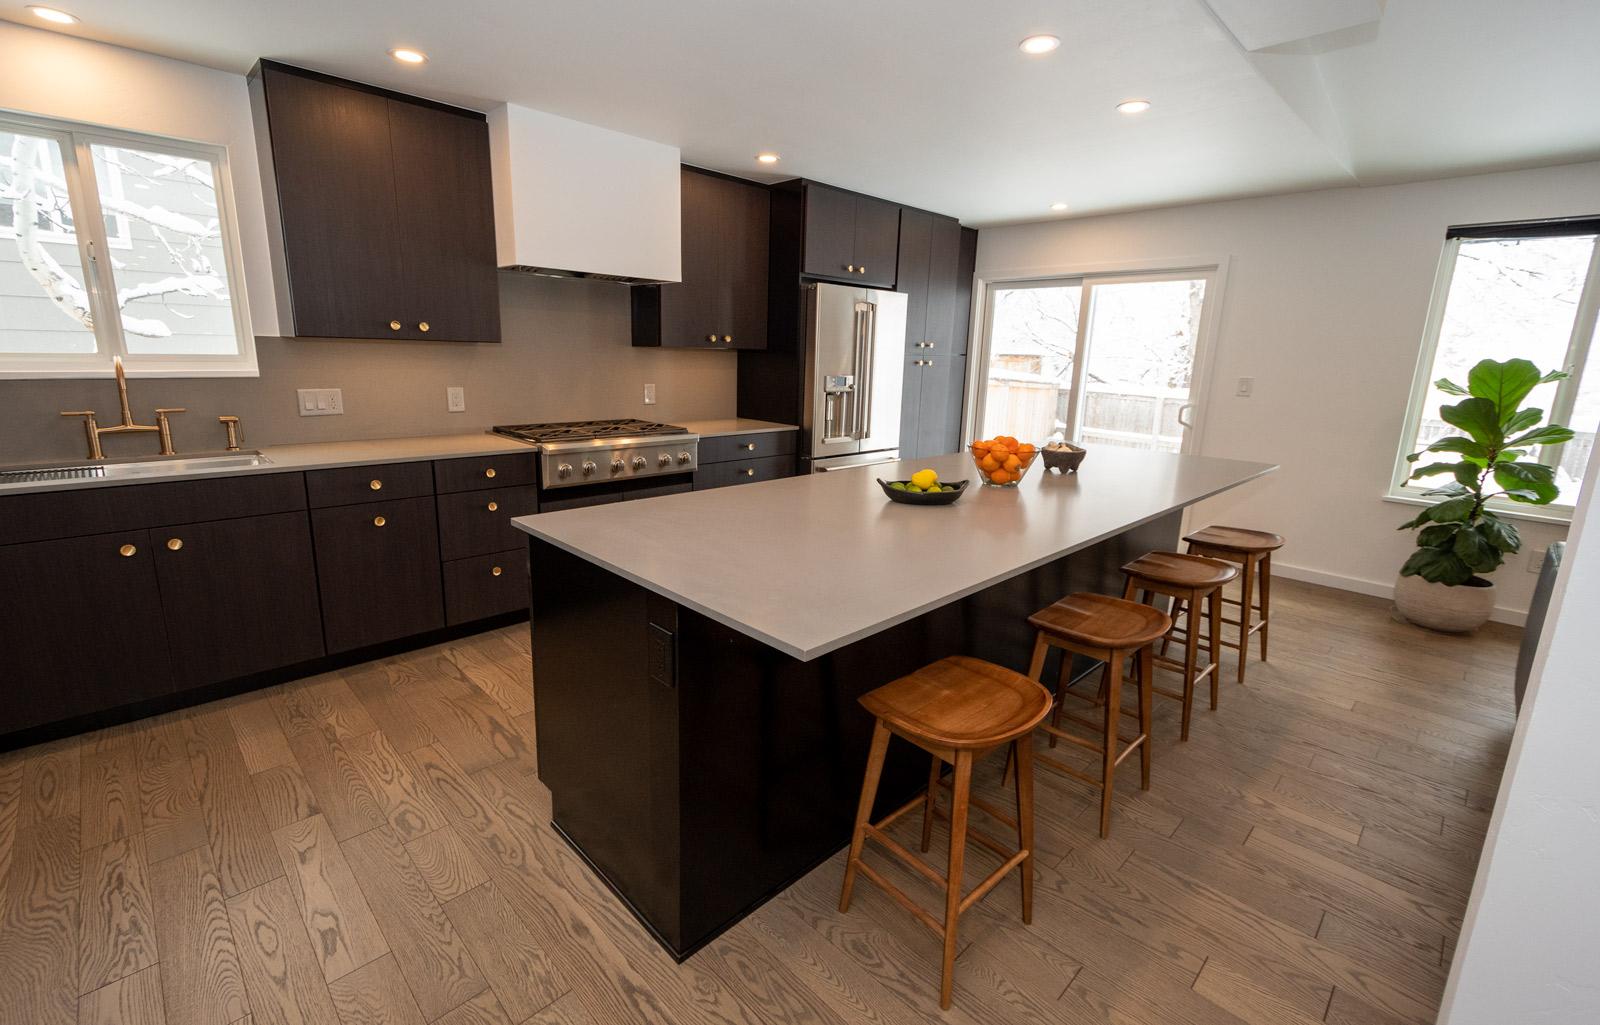 7810 durham way kitchen island cabinets overview